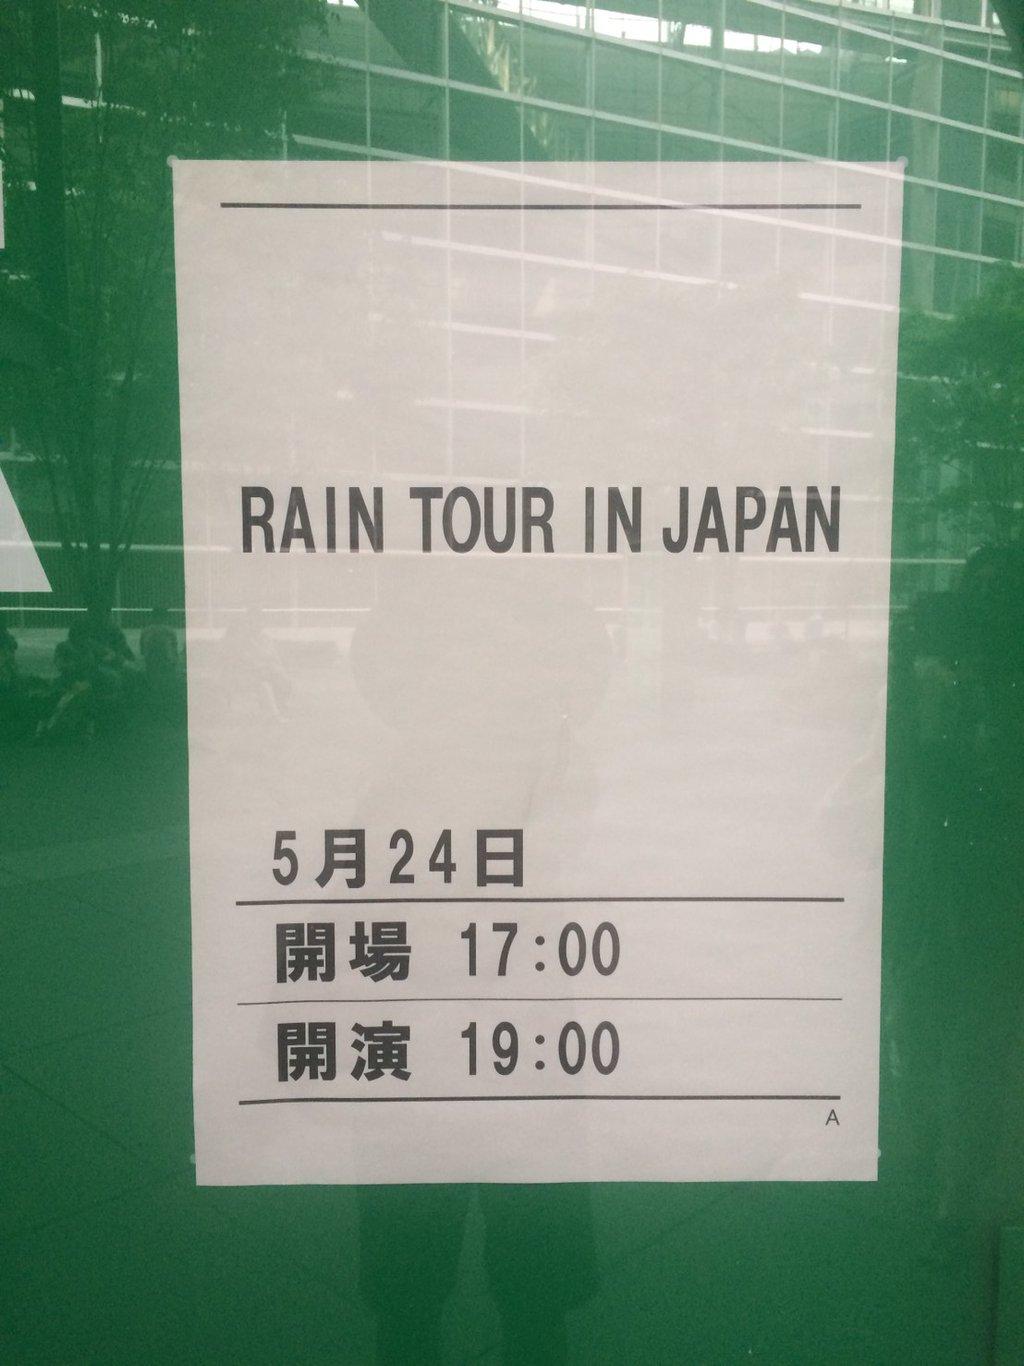 本日Rain THE SQUALL in JAPAN いよいよ♪_c0047605_18422985.jpg